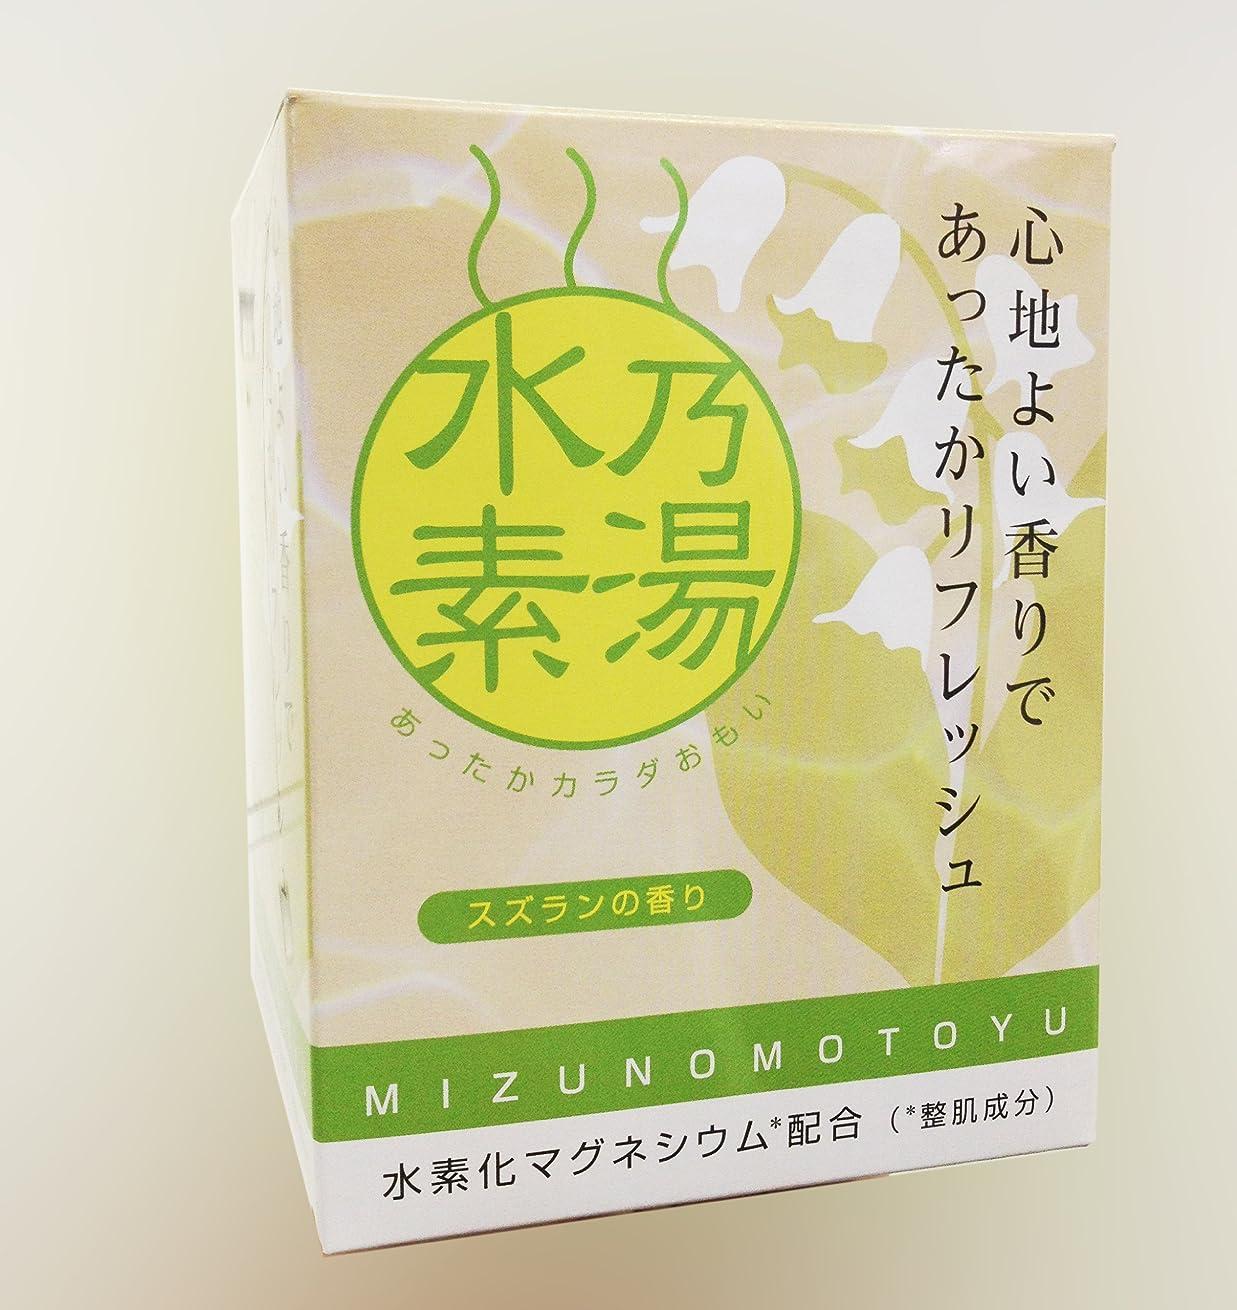 彼合理化オーナー水乃素湯 水素化マグネシウムを使った入浴化粧料